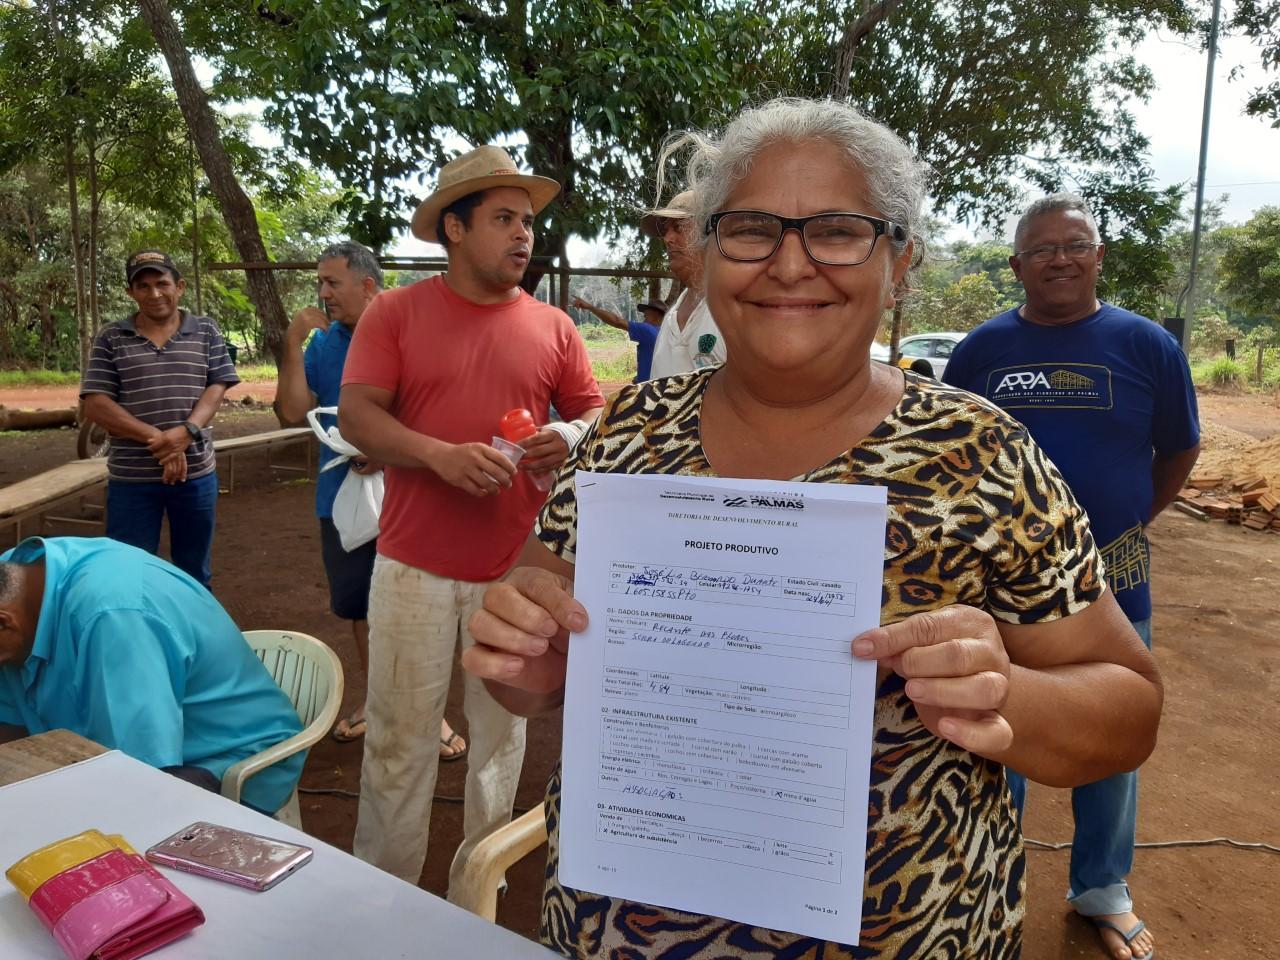 Agricultores familiares da Serra do Lajeado serão contemplados com gradagem de suas propriedades